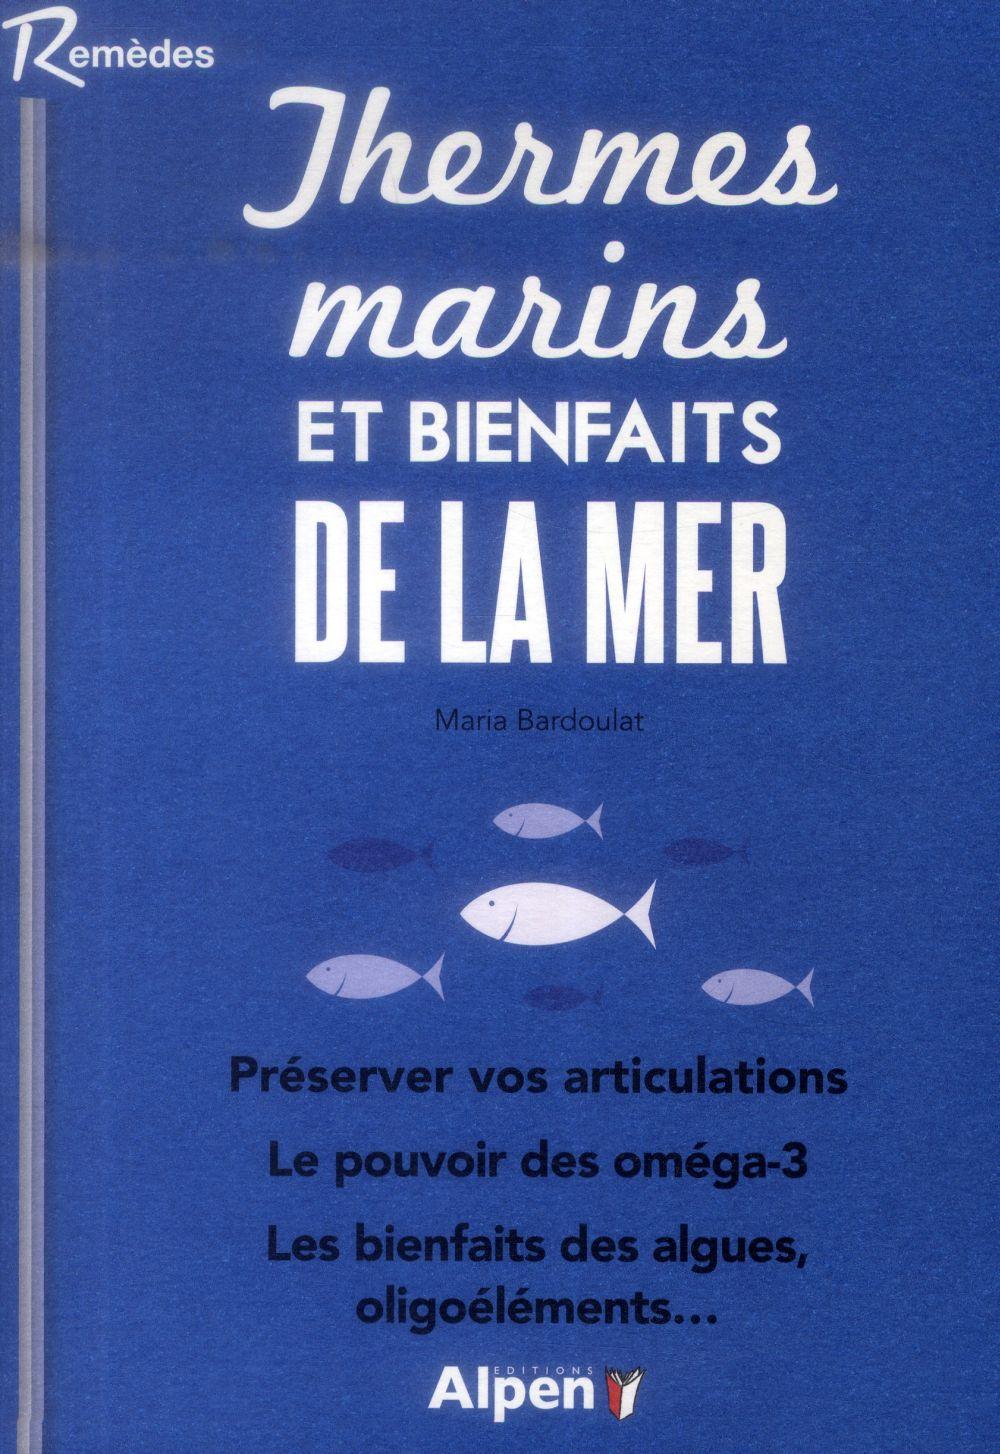 THERMES MARINS ET BIENFAITS DE LA MER